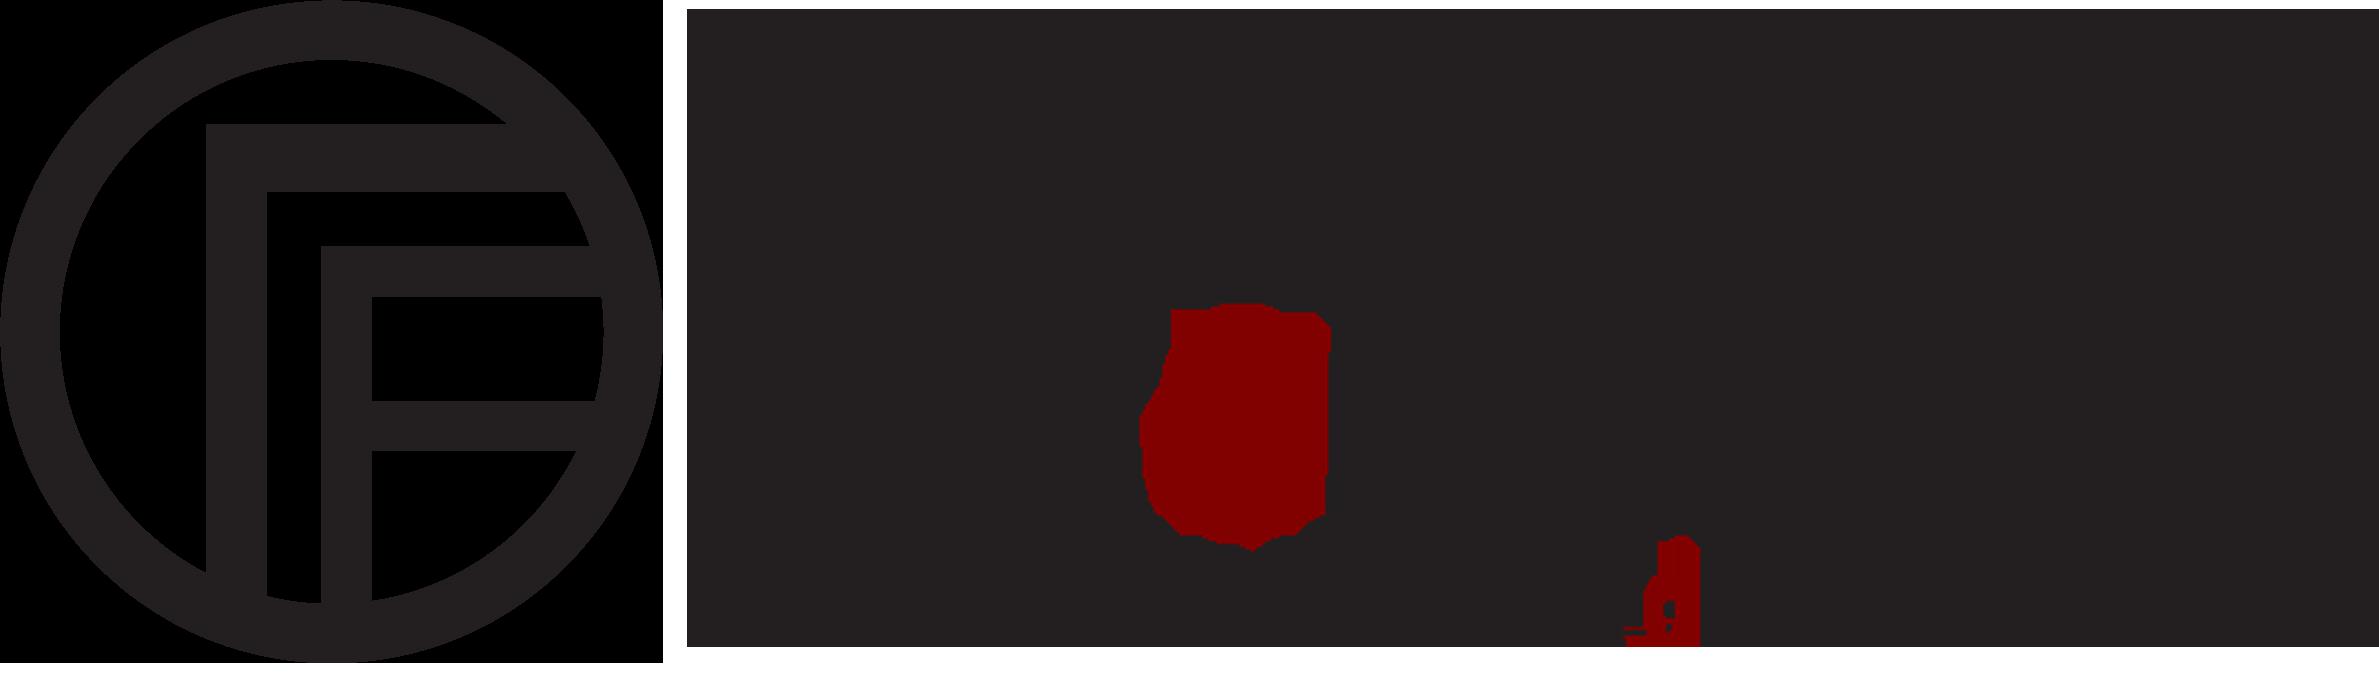 FrazierFotography.com